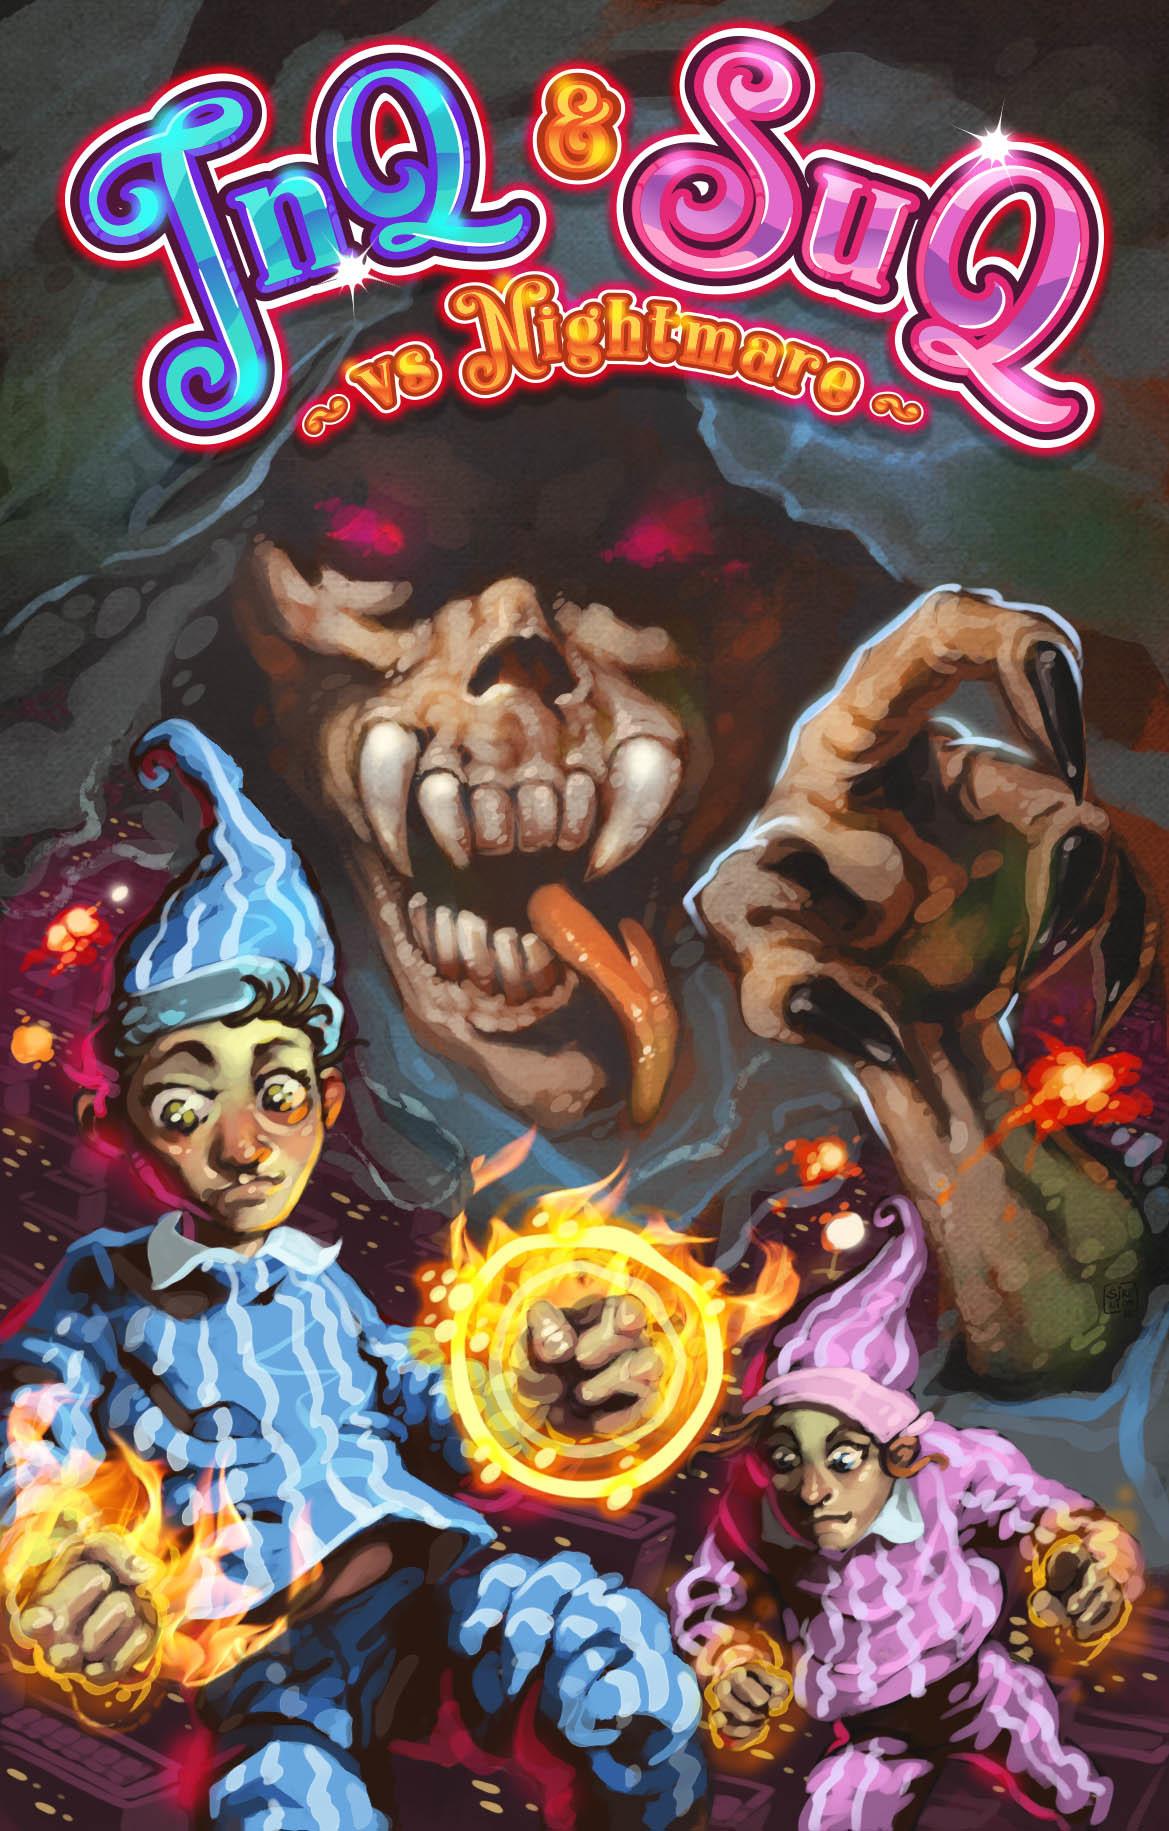 Sergio cabanillas inq suq cover 01 04